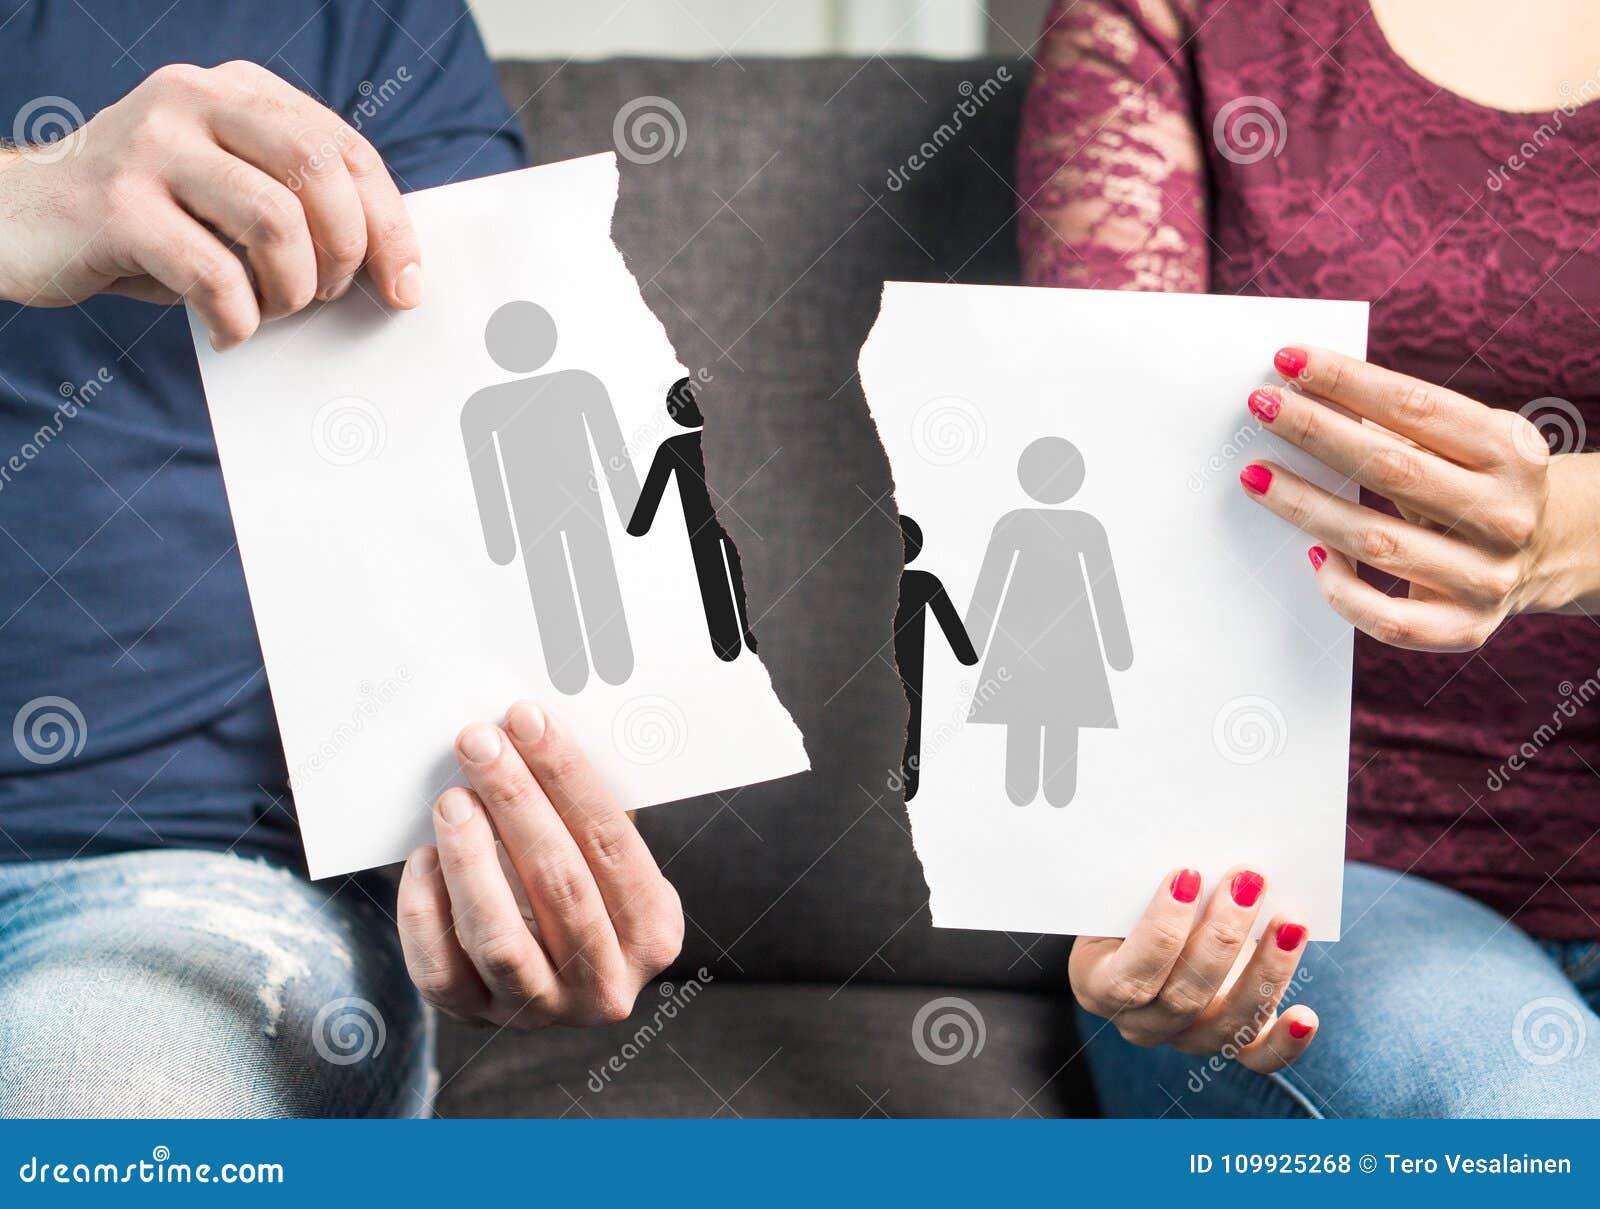 Łama up, rozwód, podzielony areszt dzieci